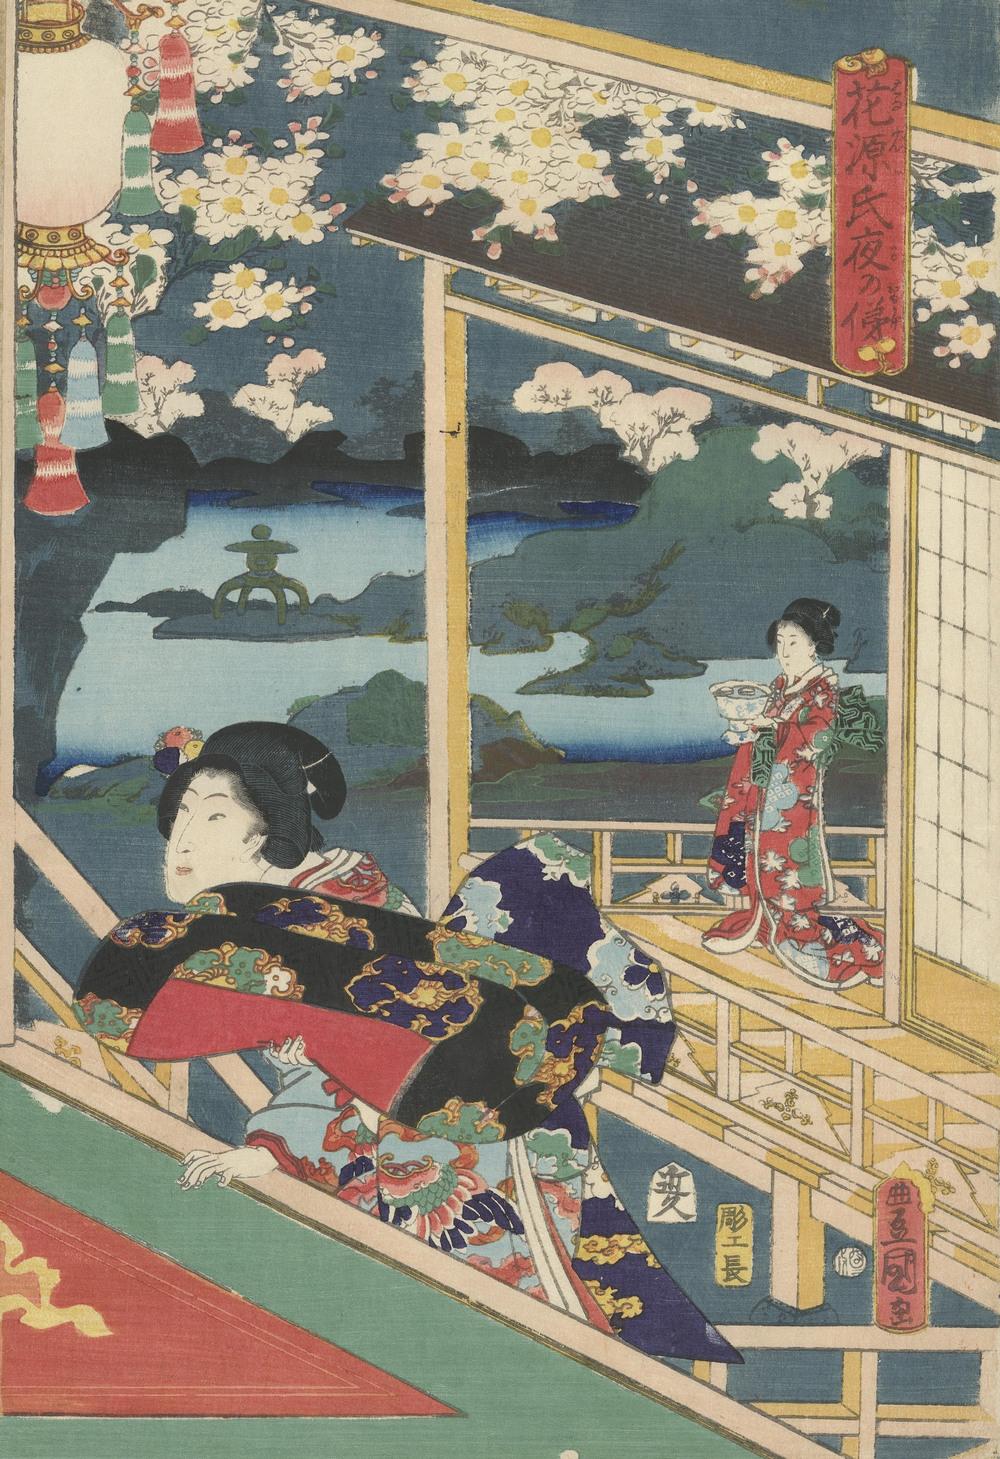 Гравюры укиё-э относятся к разновидности ксилографии. Они кропотливо создавались и процветали с 17 п